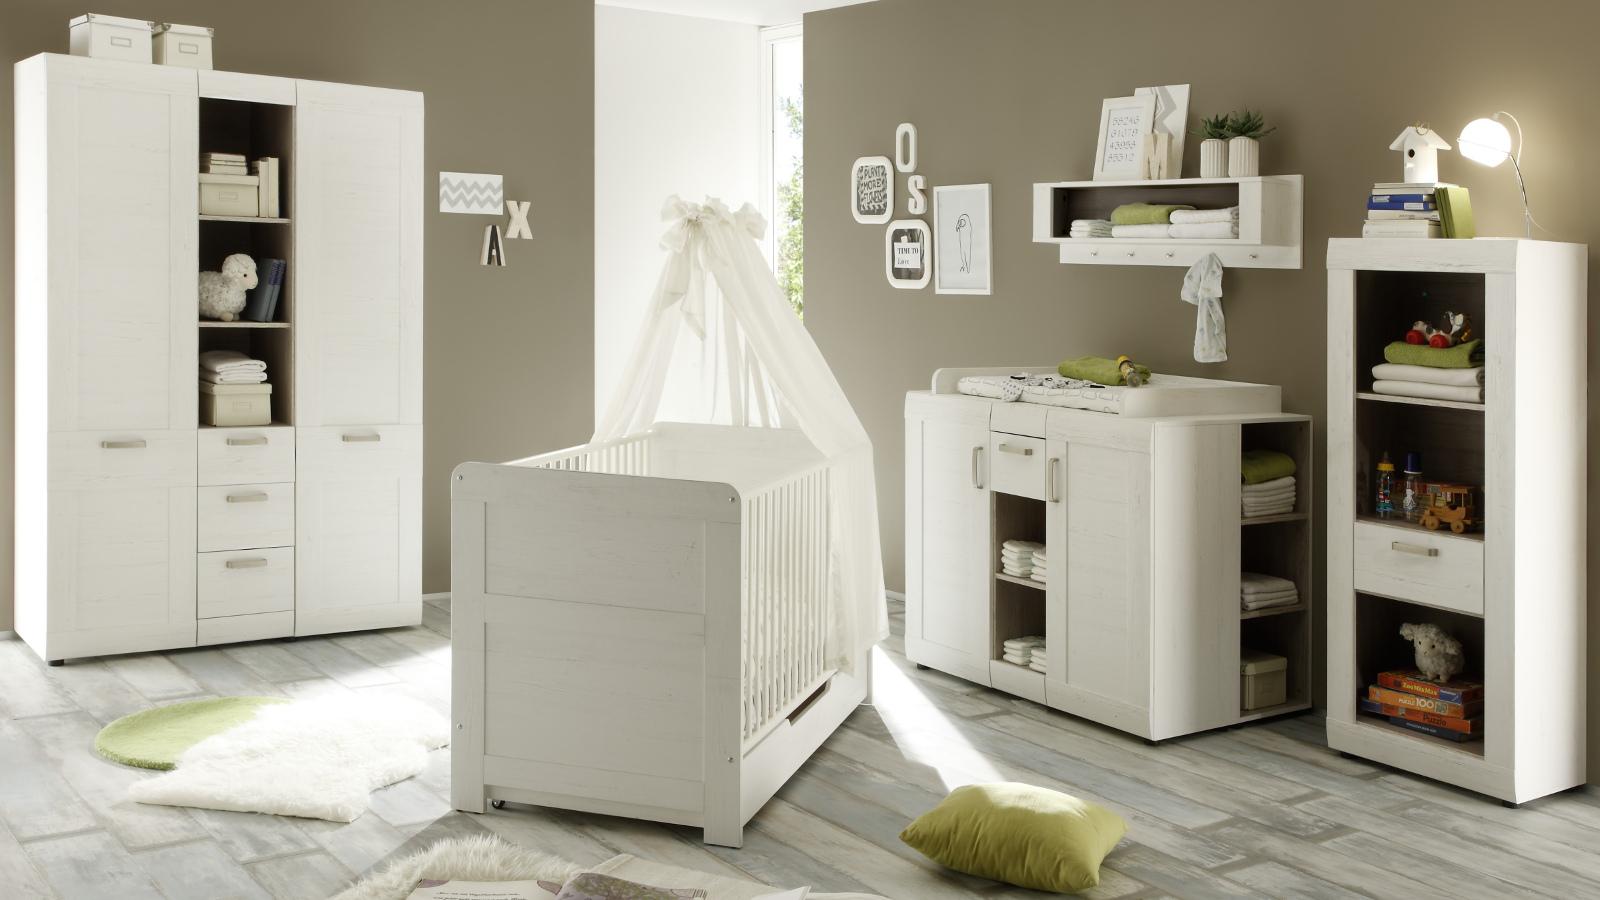 Babyzimmer Kinderzimmer weiß komplett Set 3-tlg. neu Pinie Möbel ...